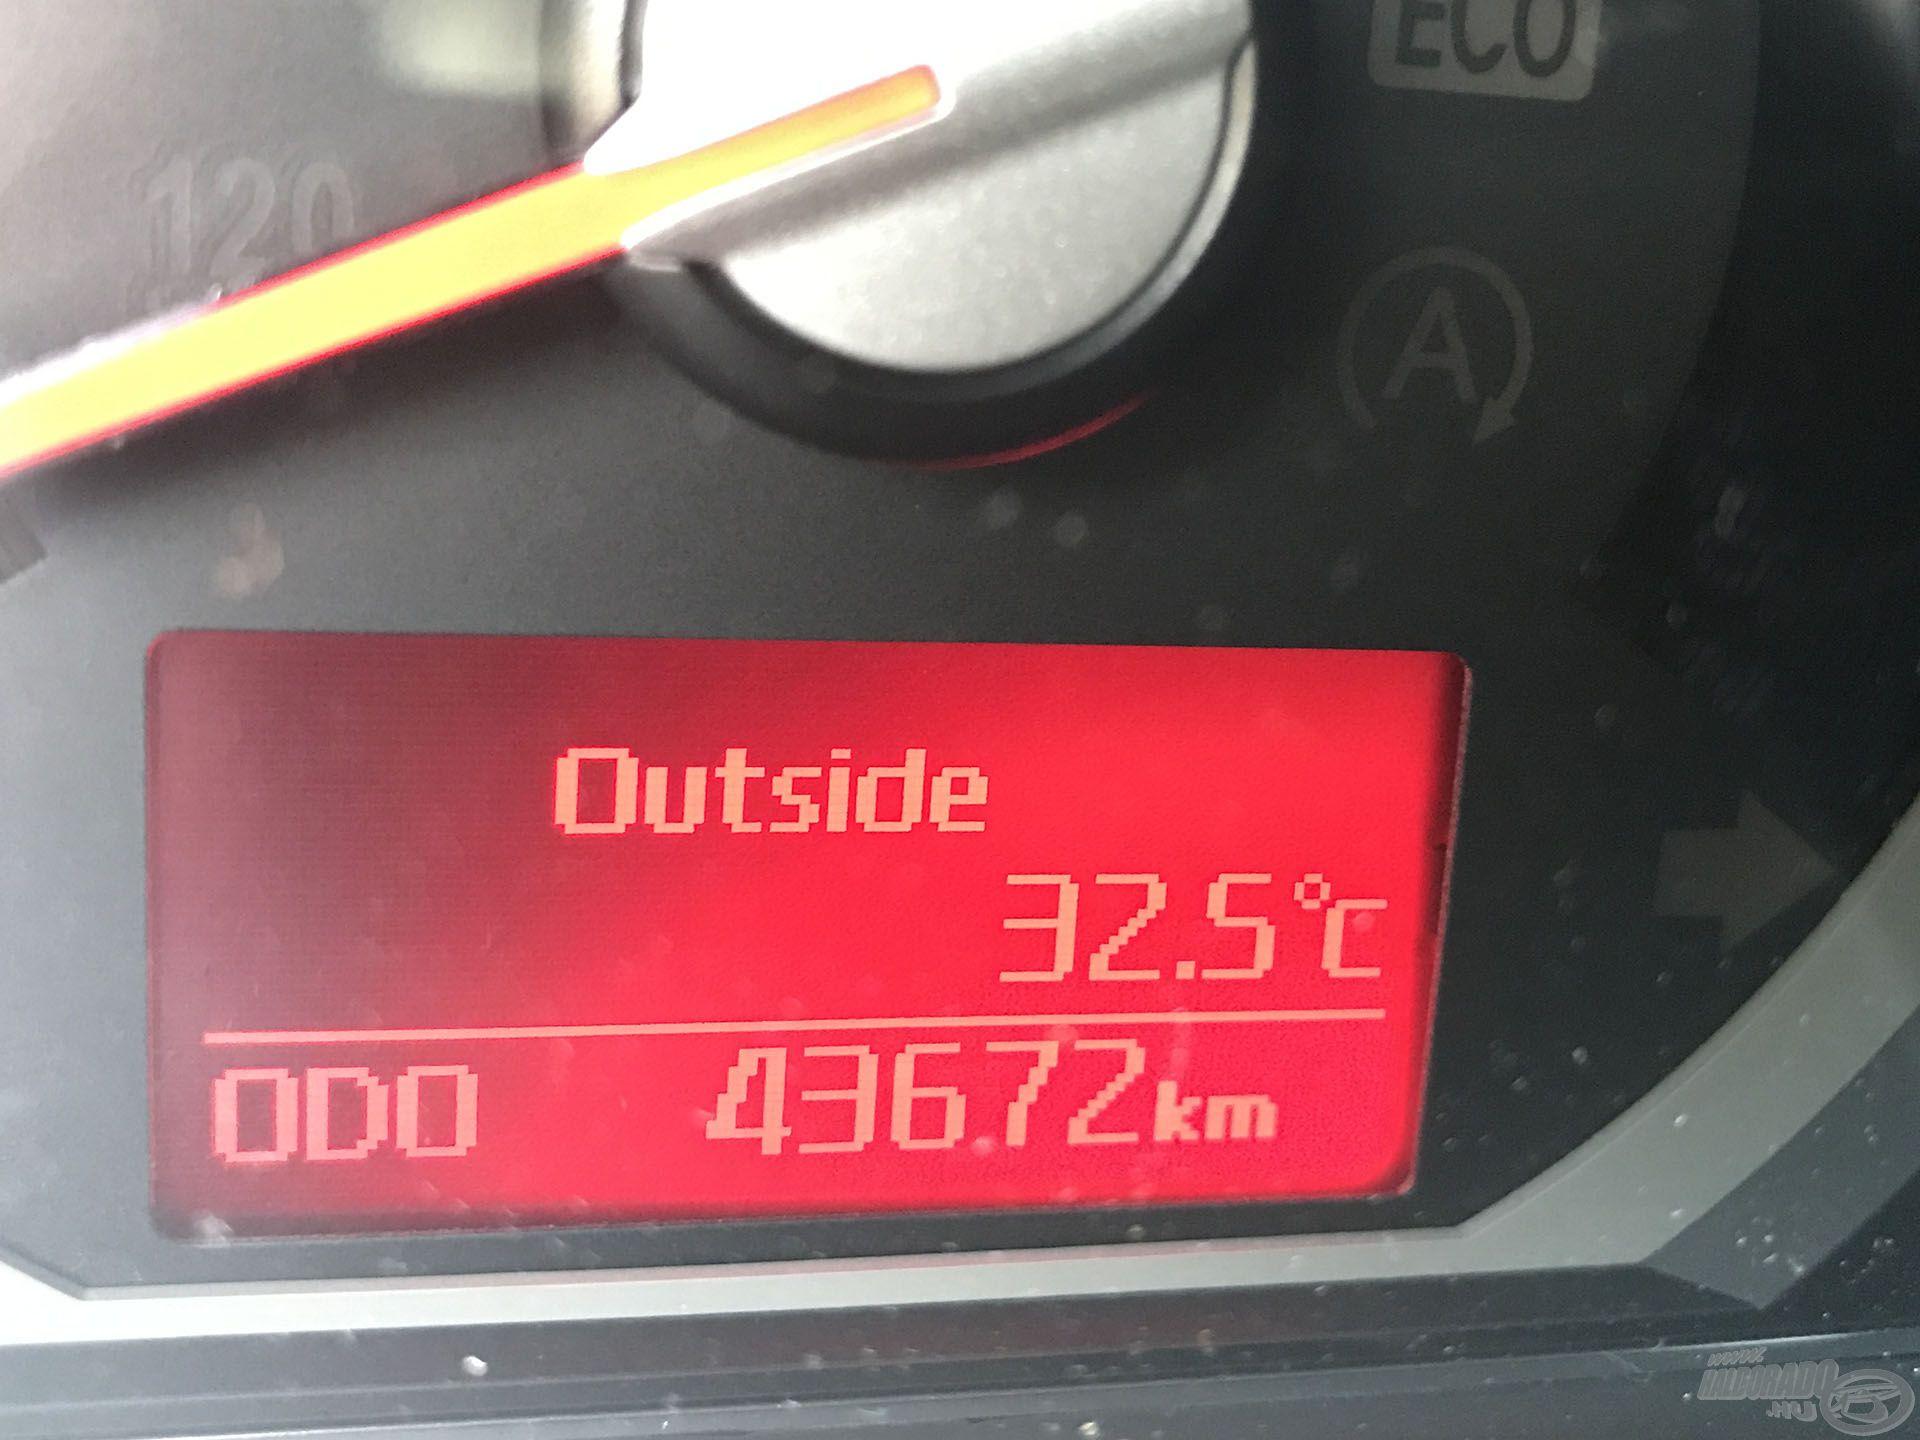 32 és fél fok, ez a napon állva, szélcsendben perzselően meleg még a vízen is